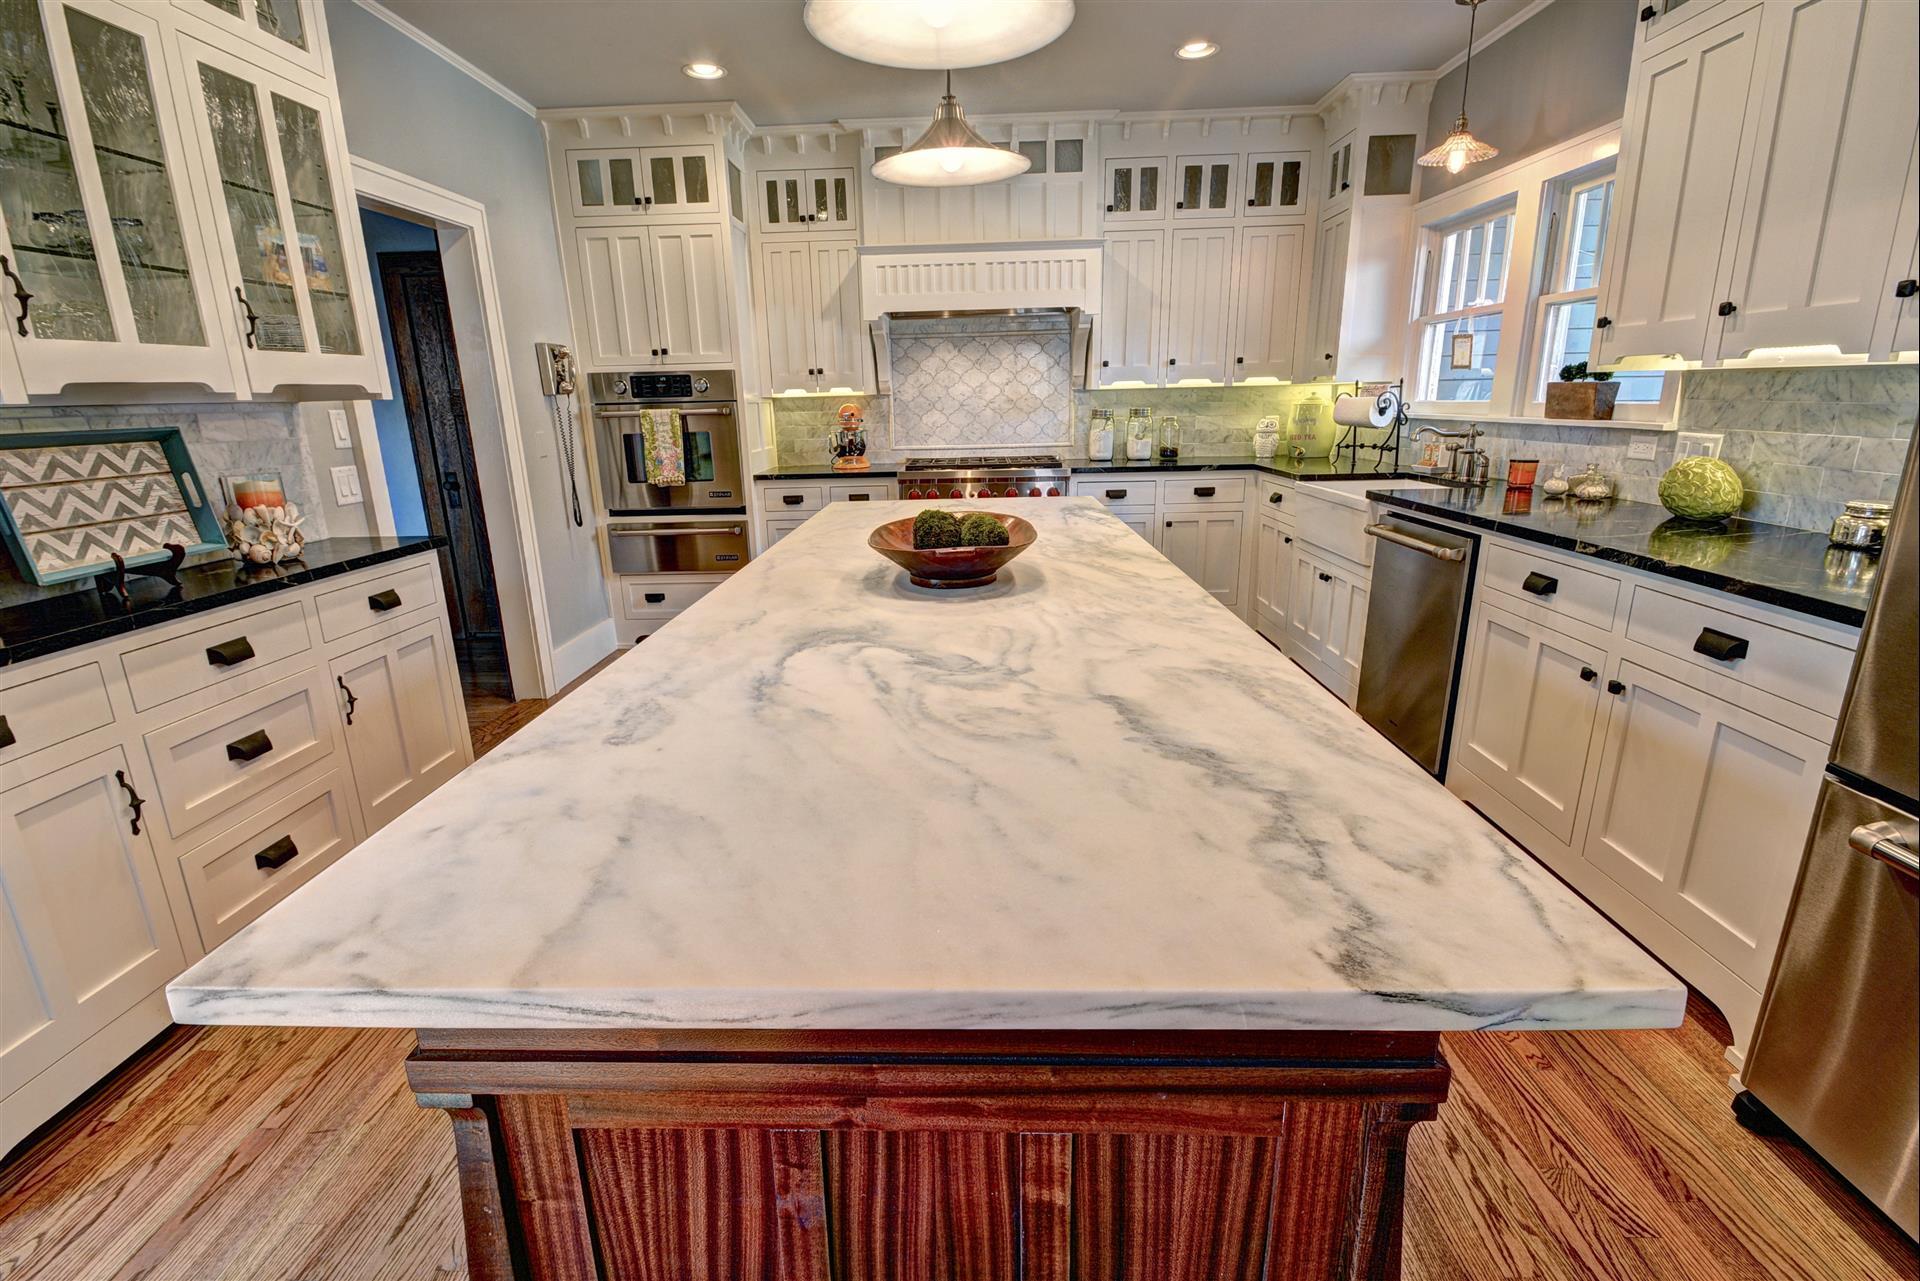 installing-granite-countertops.jpg